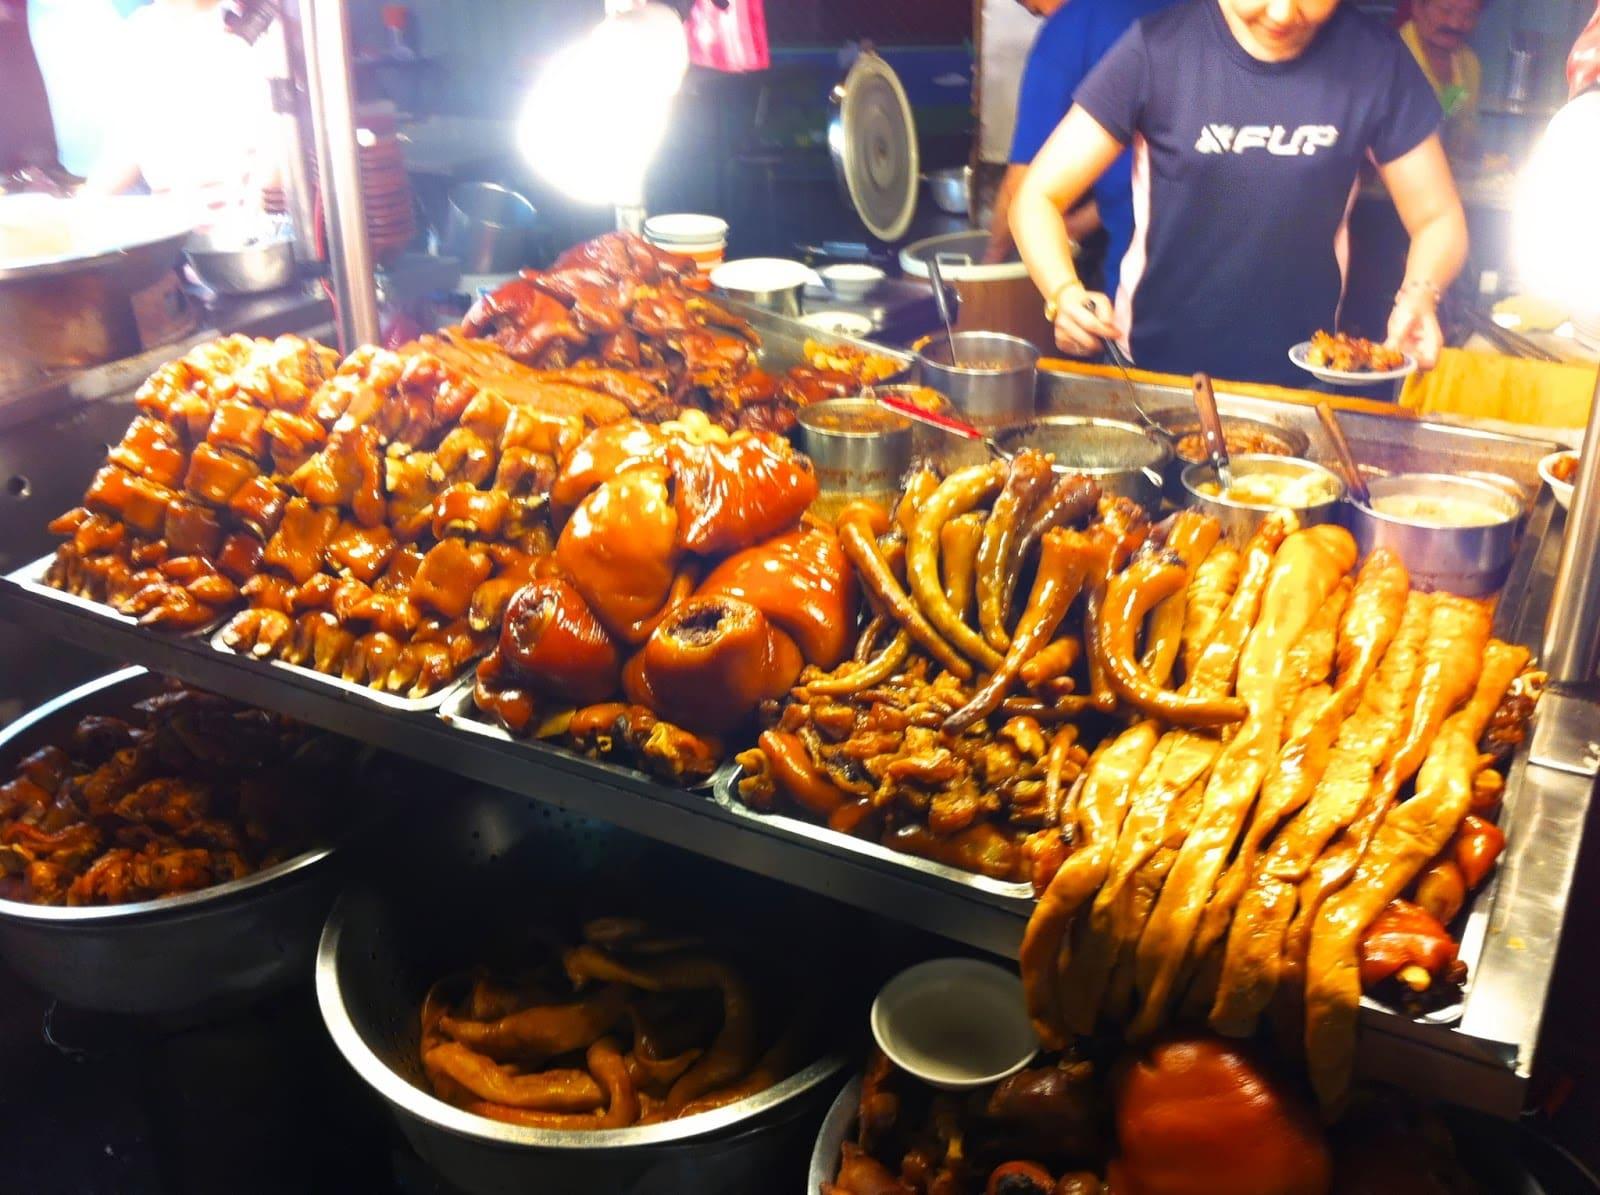 ẩm thực ở tây môn đình, một trong những chợ đêm ở đài loan